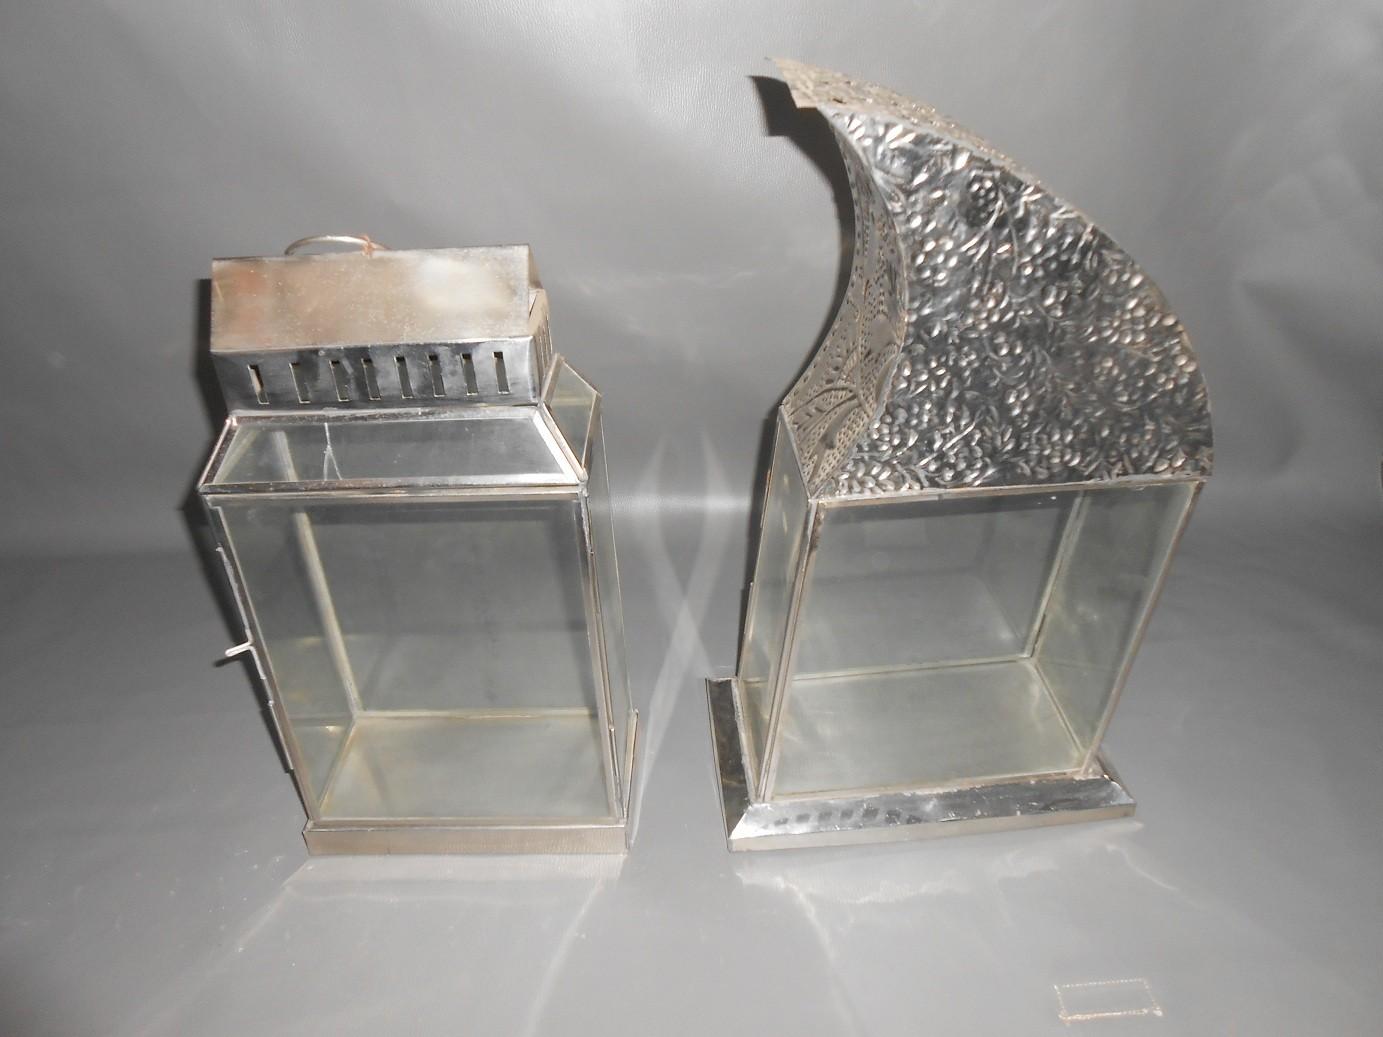 Caged Steel Lanterns